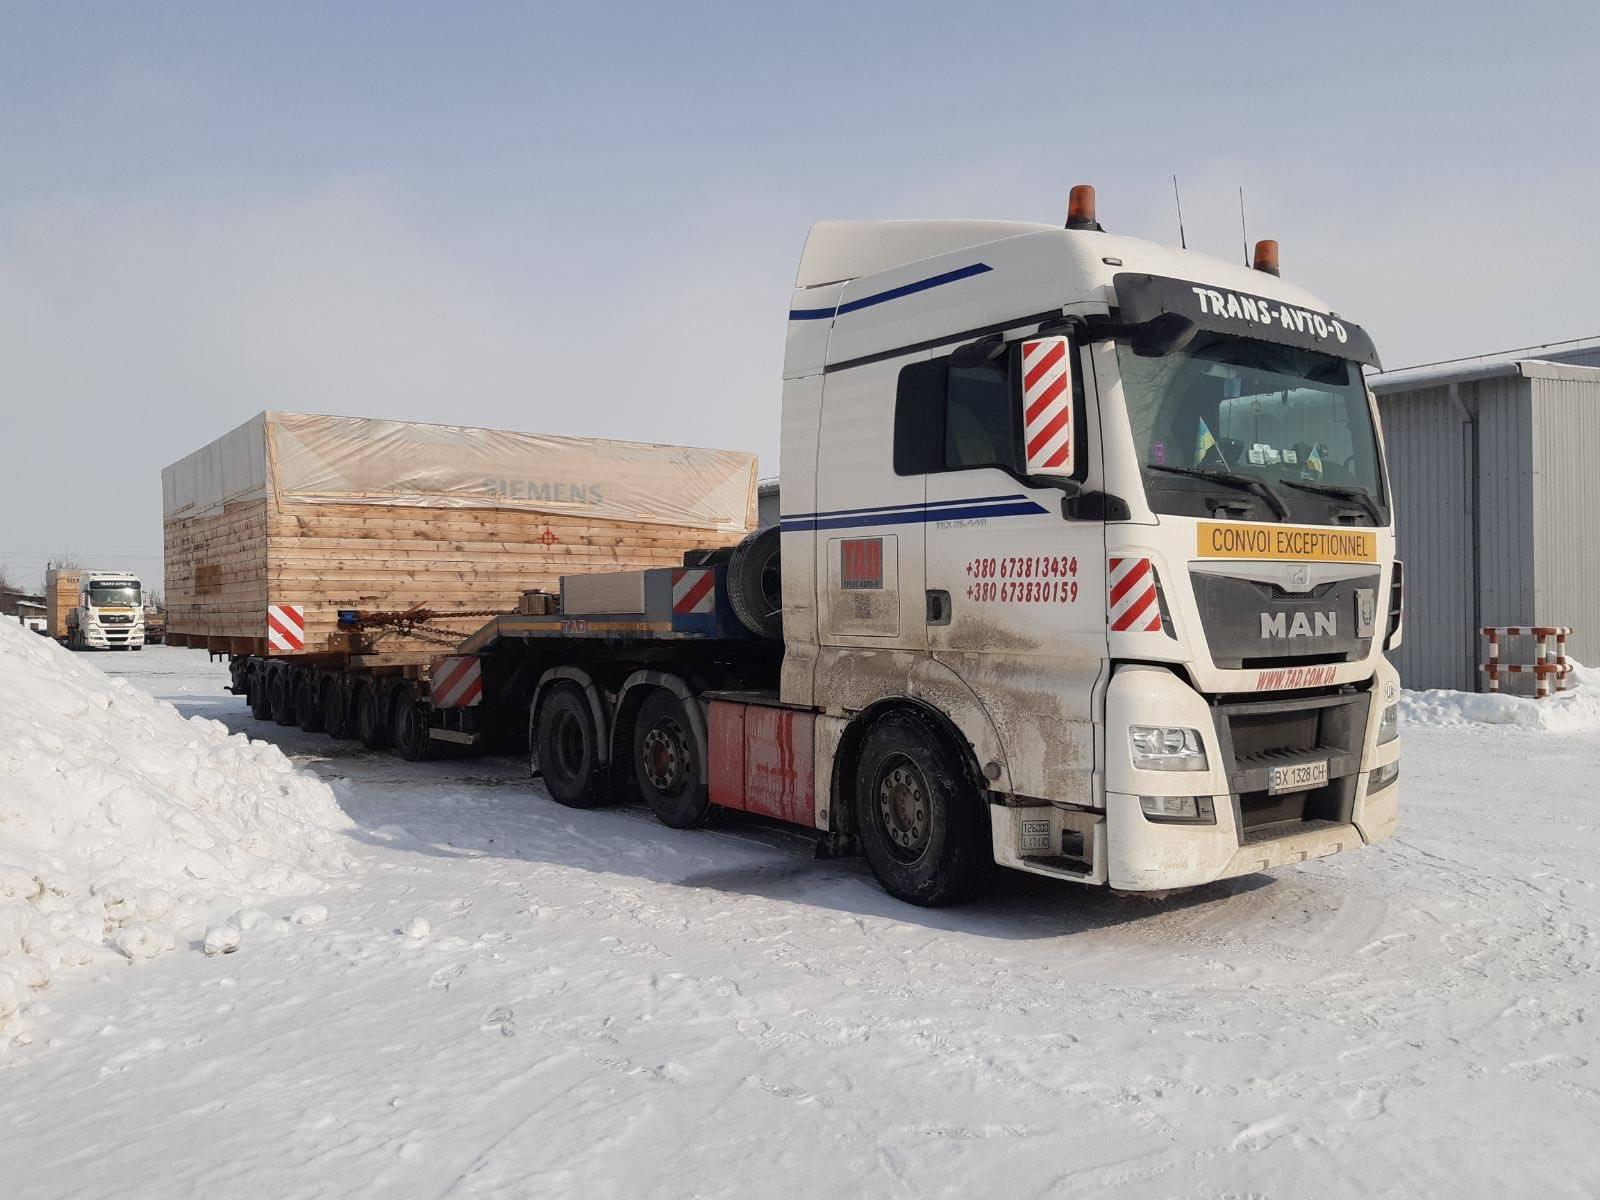 Перевозка широкого промышленного оборудования Siemens по Украине